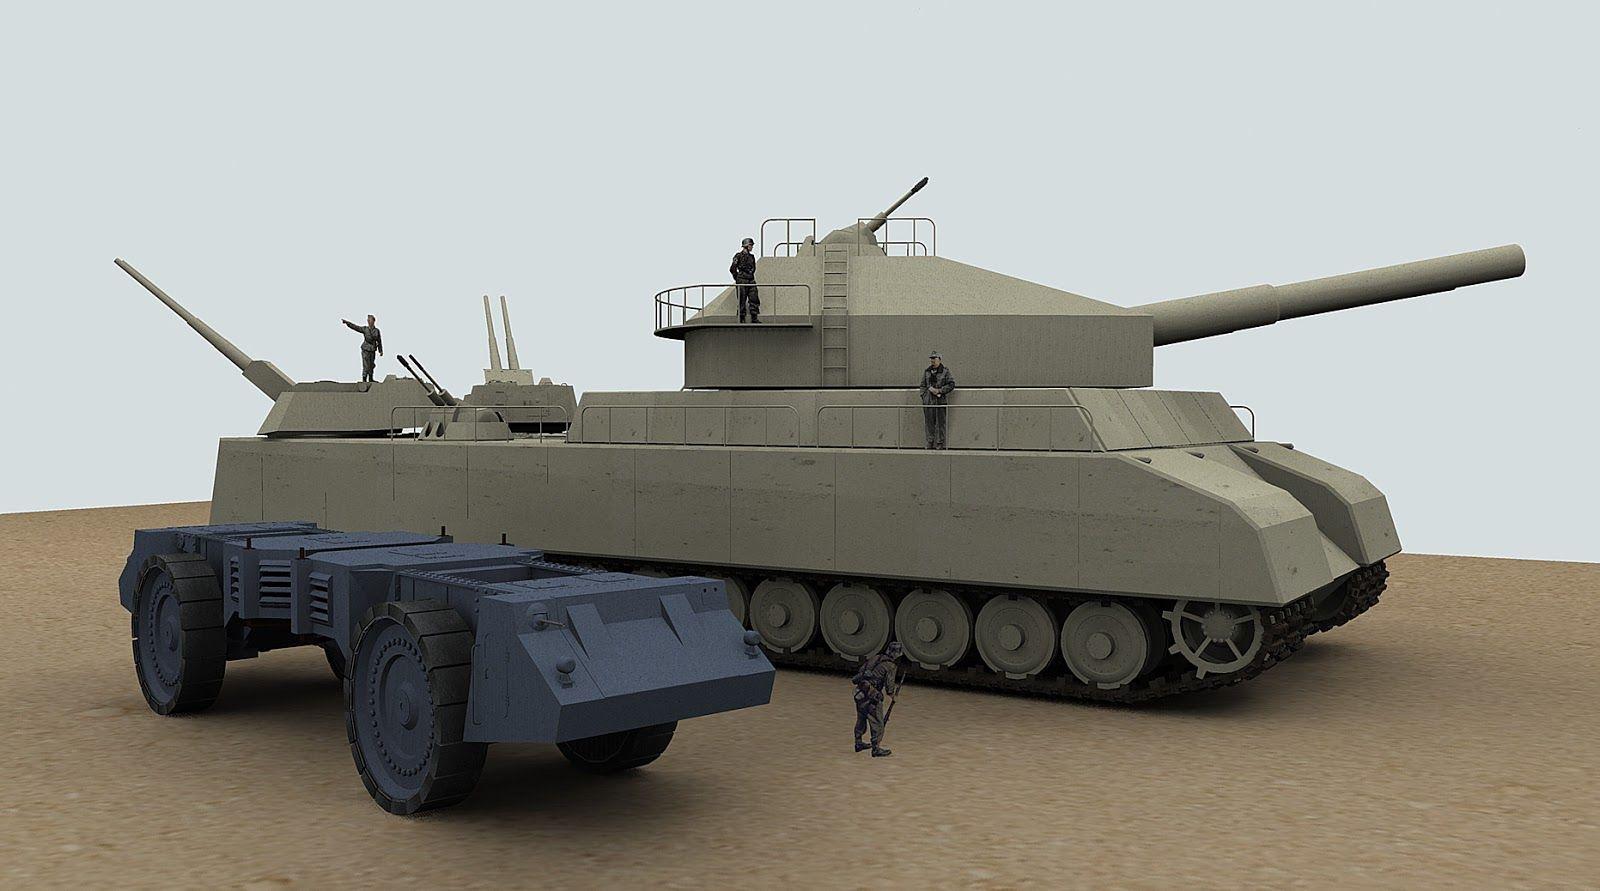 летописи фото танка ратте с боку руке ольга держала